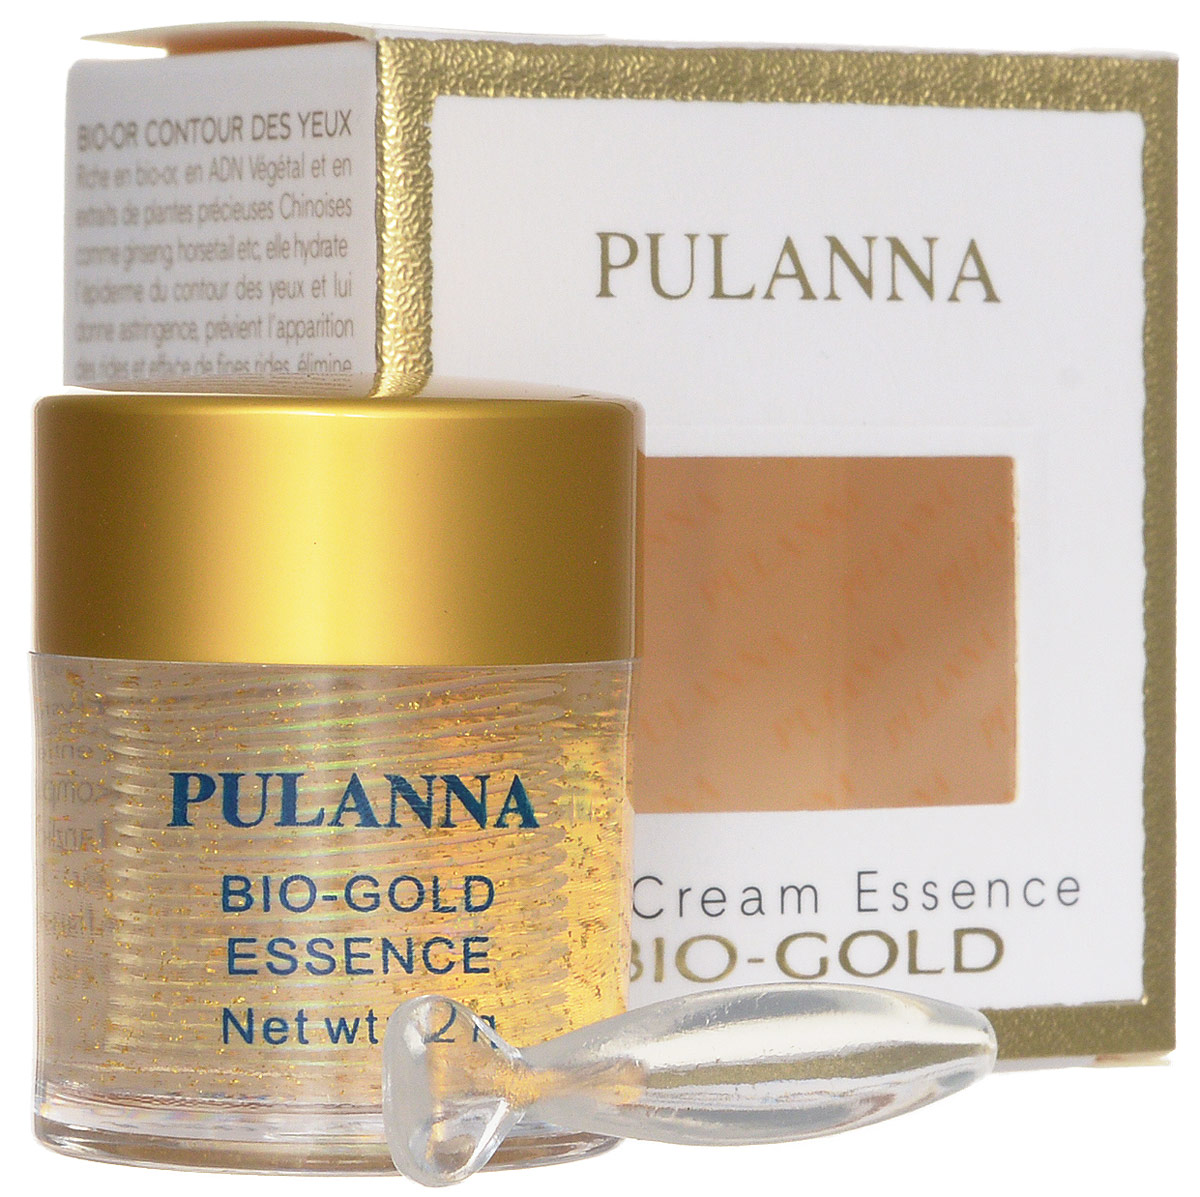 Pulanna Био-золотой гель для век на основе био-золота - Bio-gold Essence 21 г b очищающее молочко с золотом bio gold milk 90г pulanna